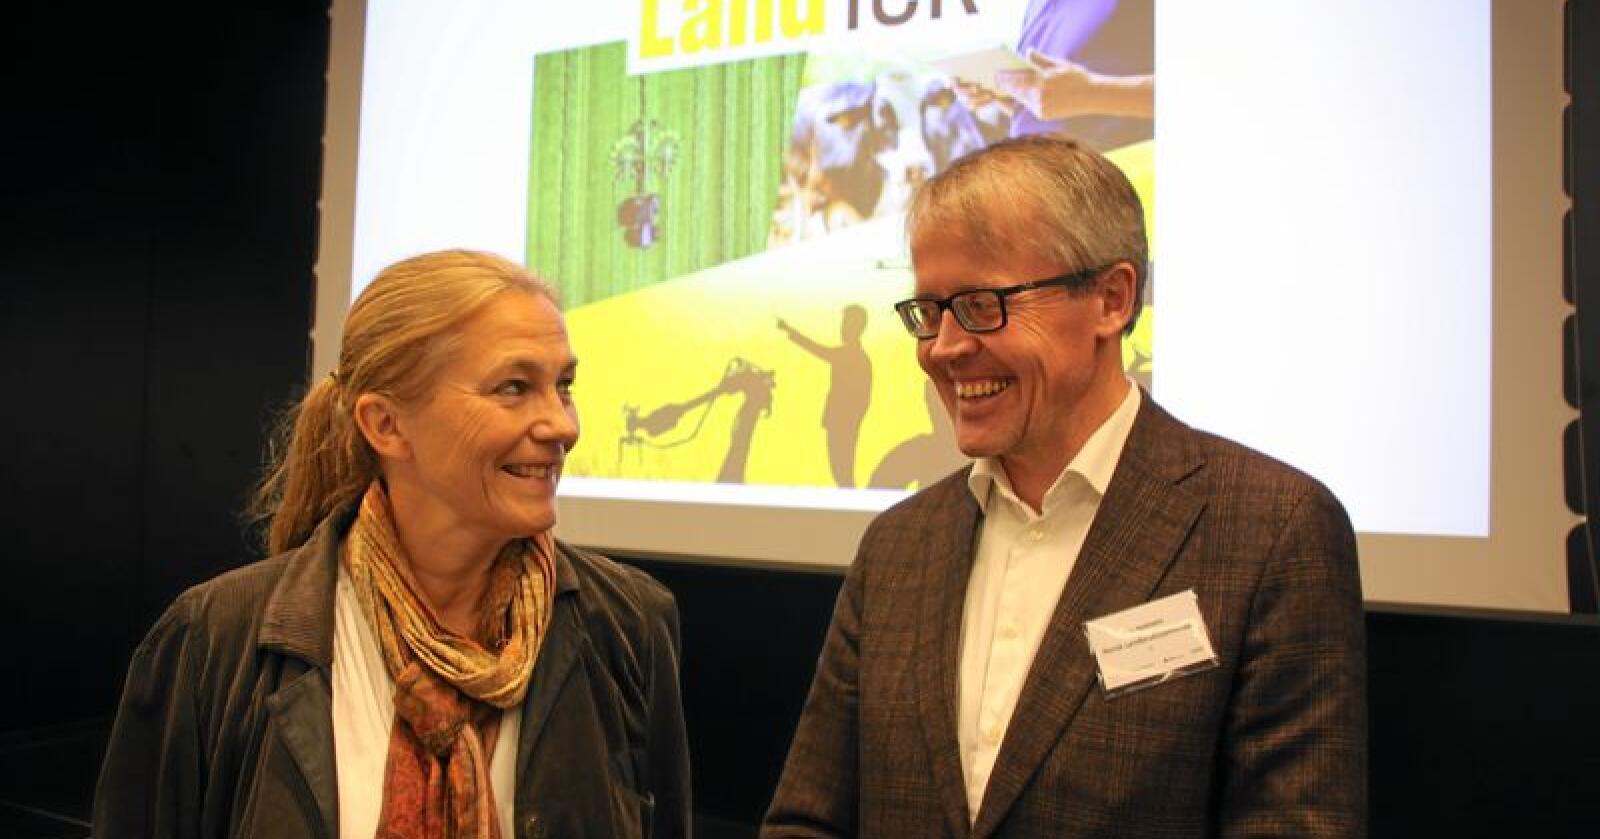 Alexandra Bech Gjørv, konsernsjef i Sintef og Ola Hedstein, administrerende direktør Norsk Landbrukssamvirke har tro på at teknologiutvikling i landbruket kan være positivt for hele samfunnet. Foto: Andrea Sofie Aasvang